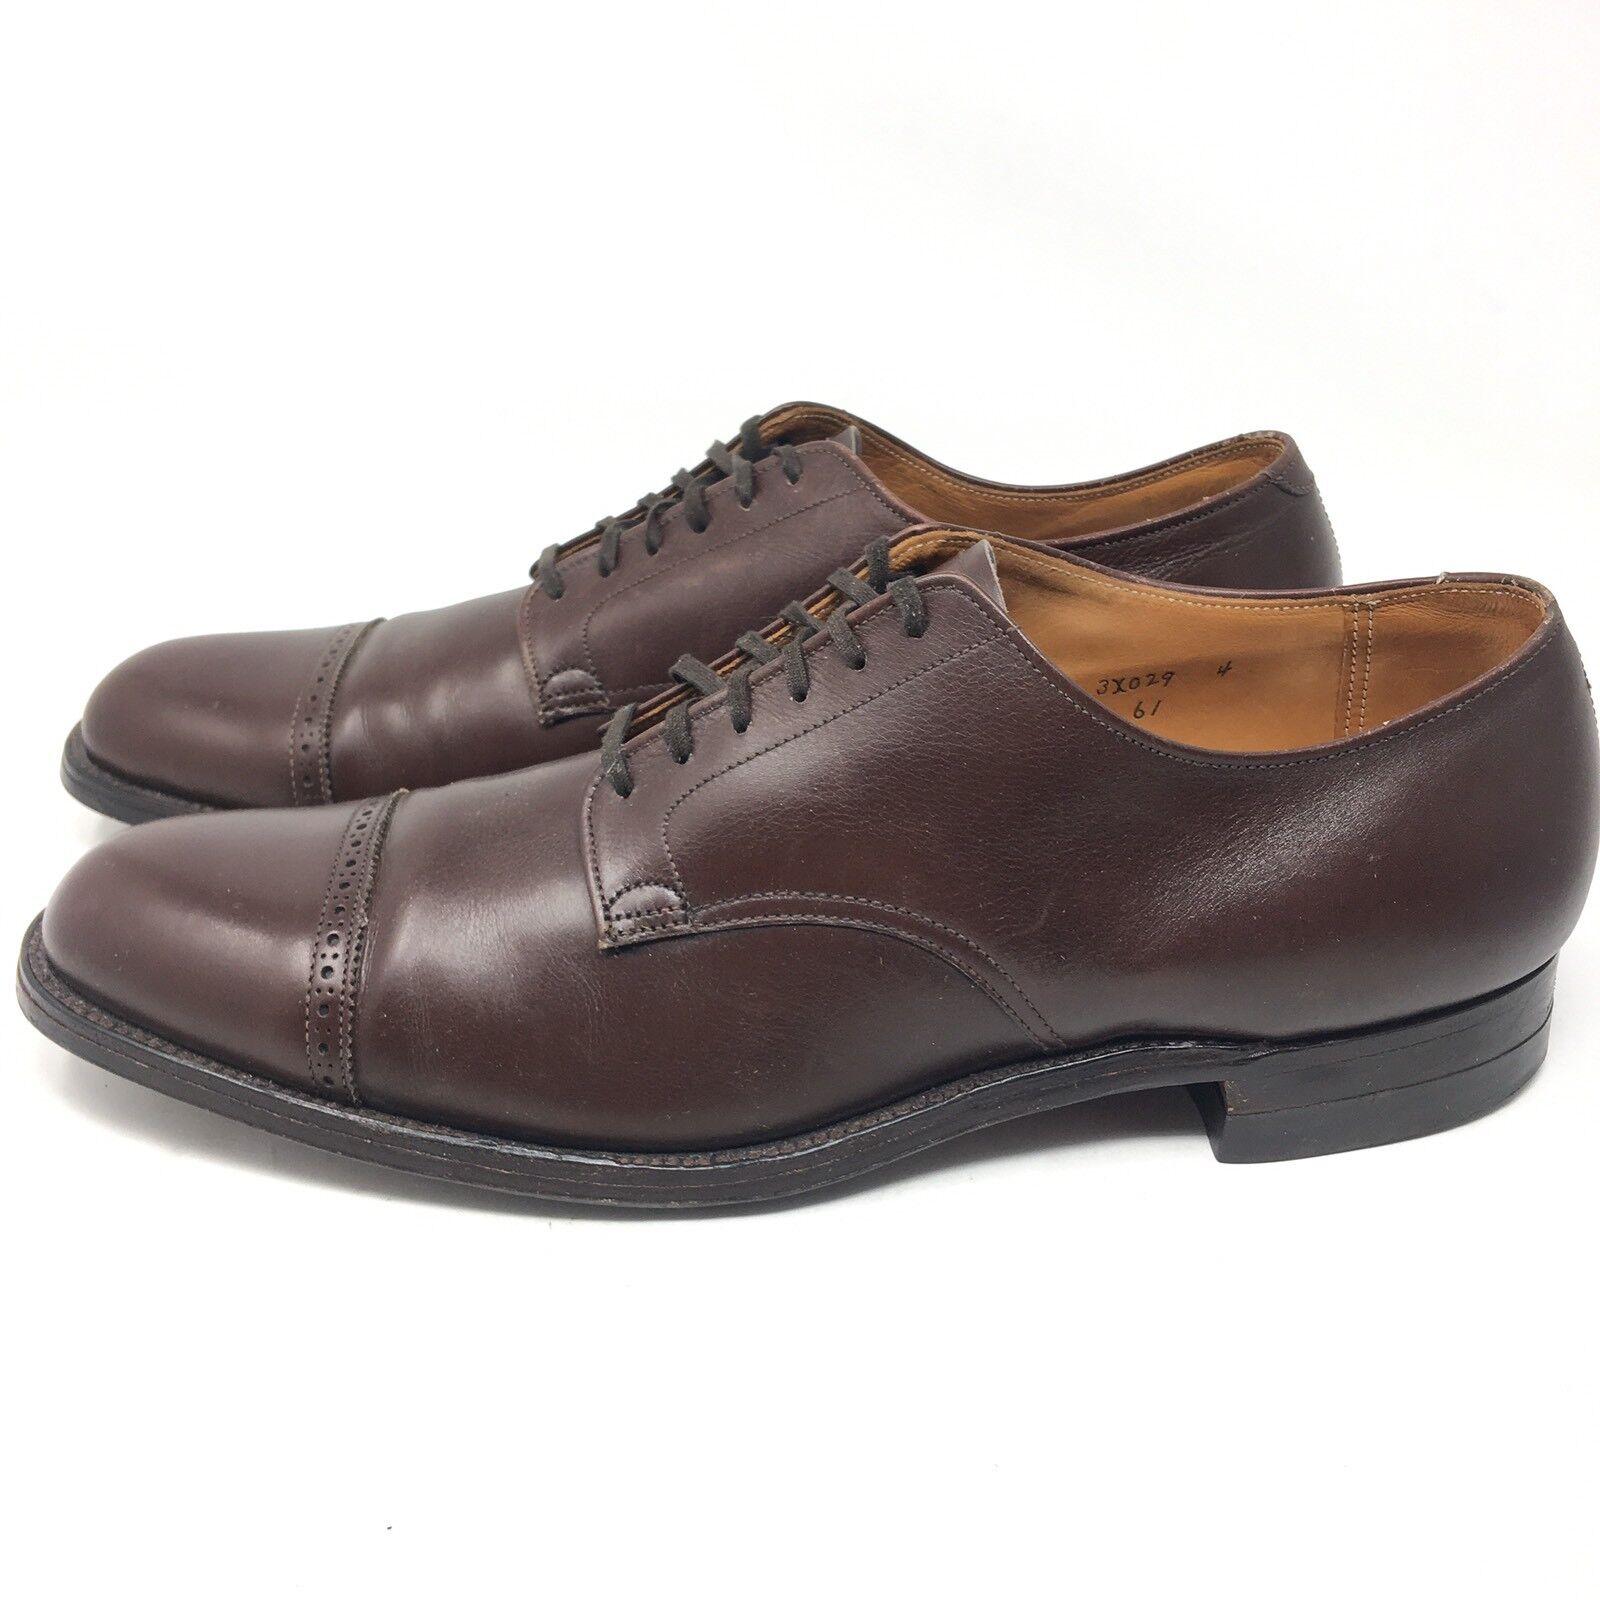 Zapatos De Vestir Alden Puntera Borgoña Para Hombre Truflare últimos 12.5 3A Extra Estrecha